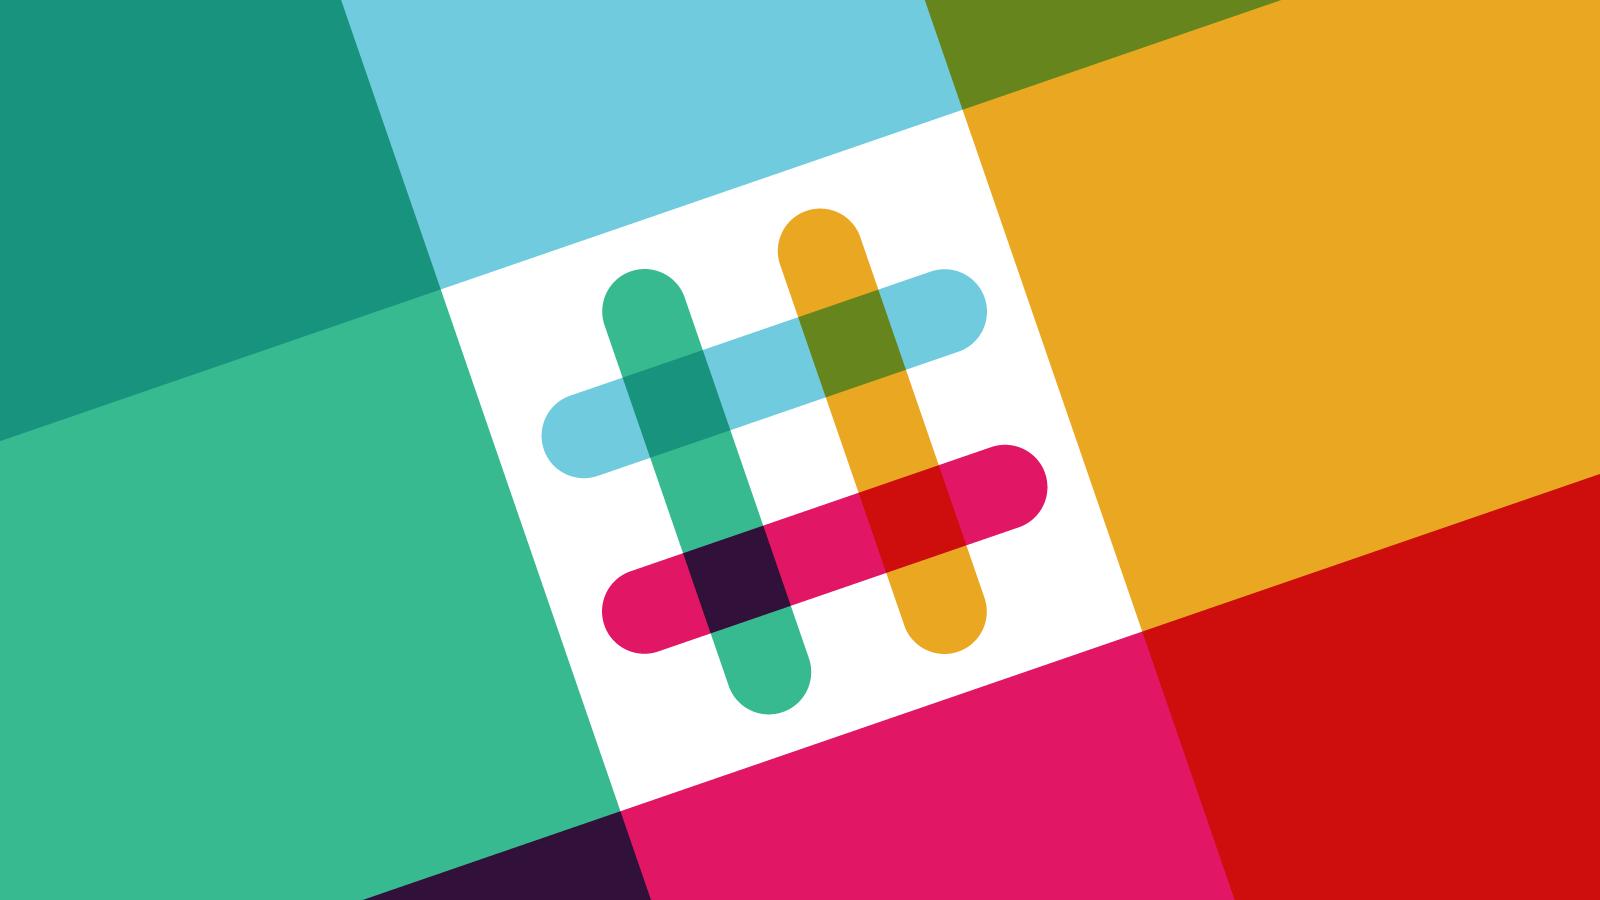 С нуля до миллиарда: Создатель Slack делится историей успеха - 2